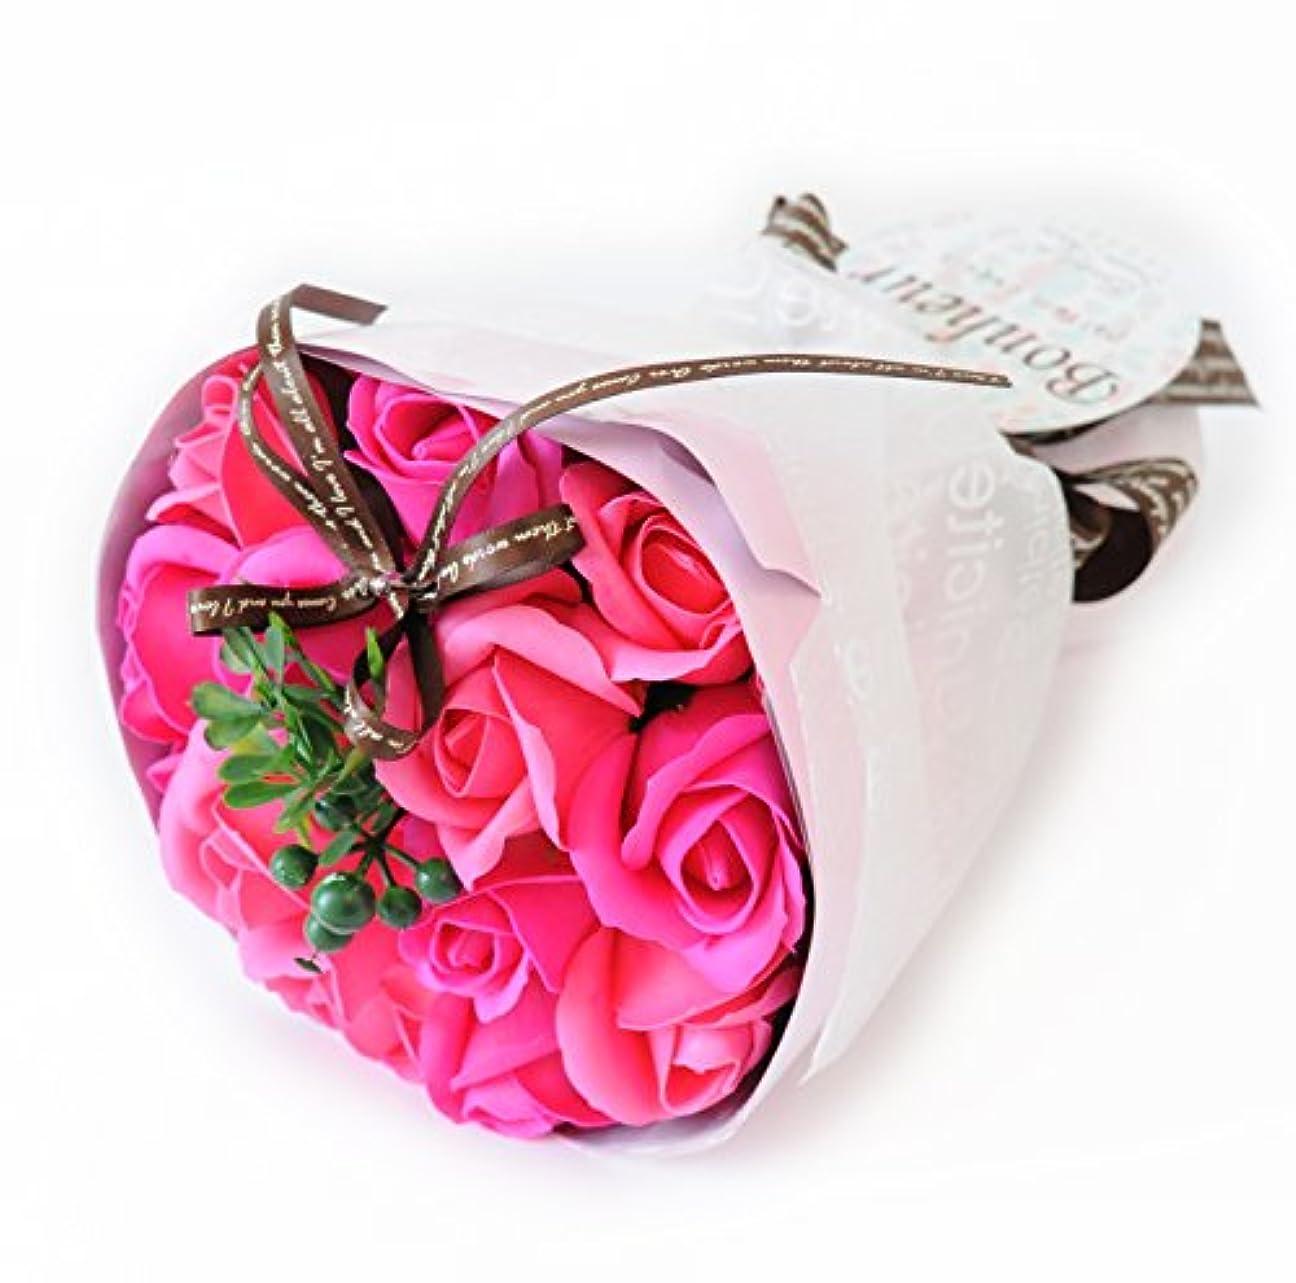 風味幻想美徳フラワーマーケット花由 ソープフラワー アロマローズブーケ ビューティー シャボンフラワー フラワーソープ